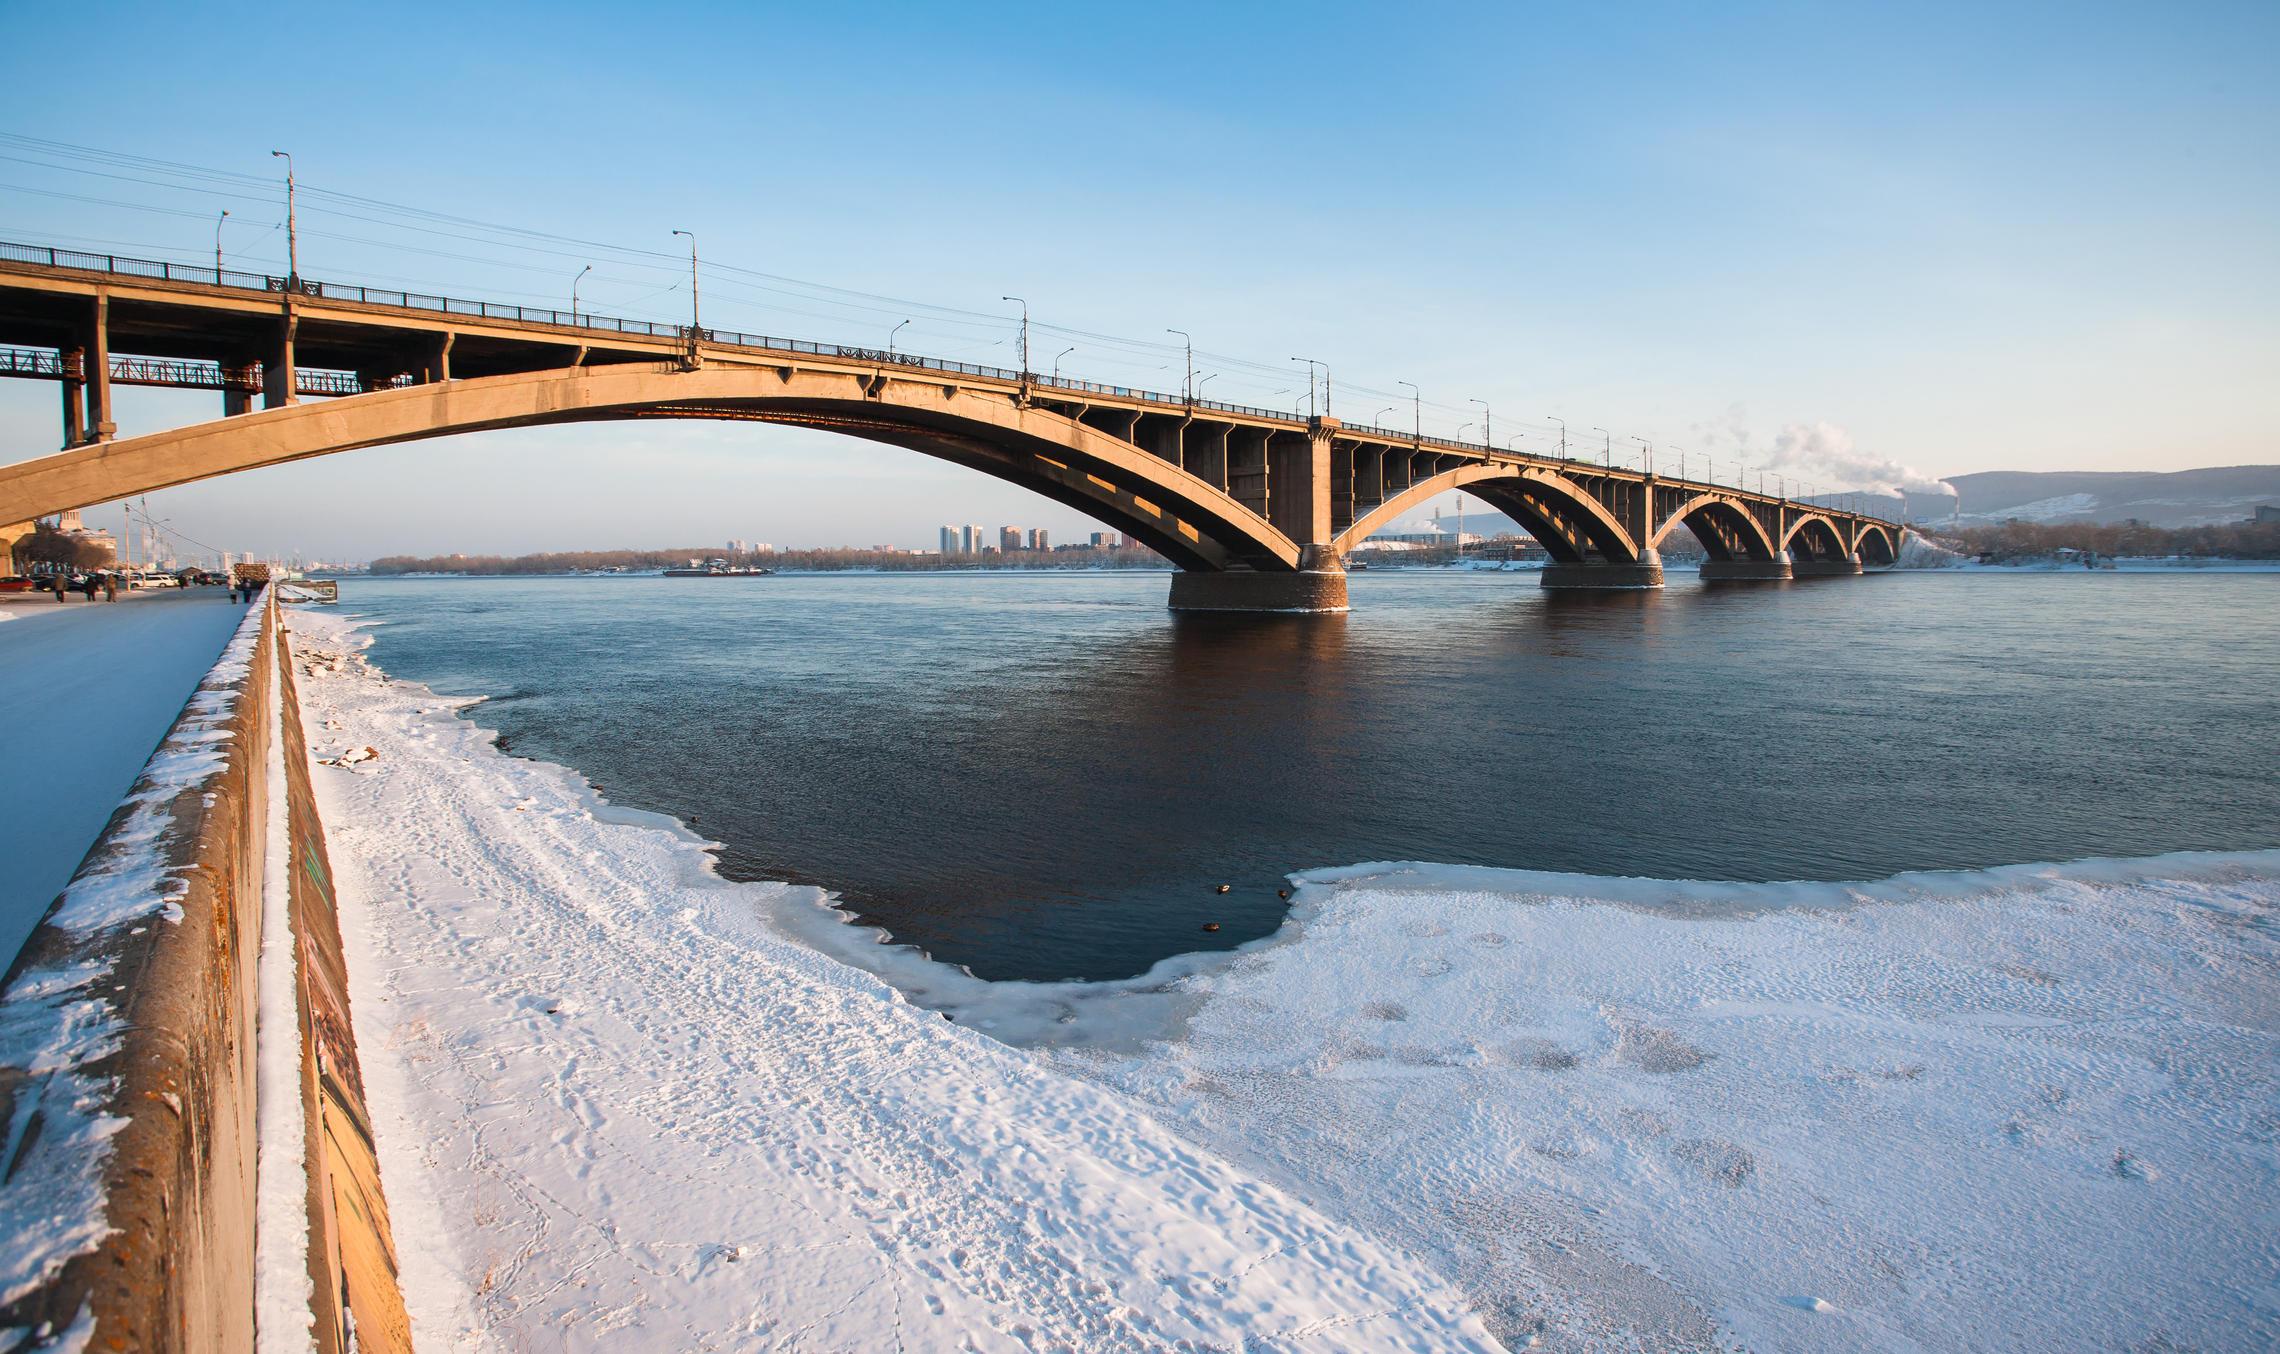 картинка коммунальный мост новосибирск каждый